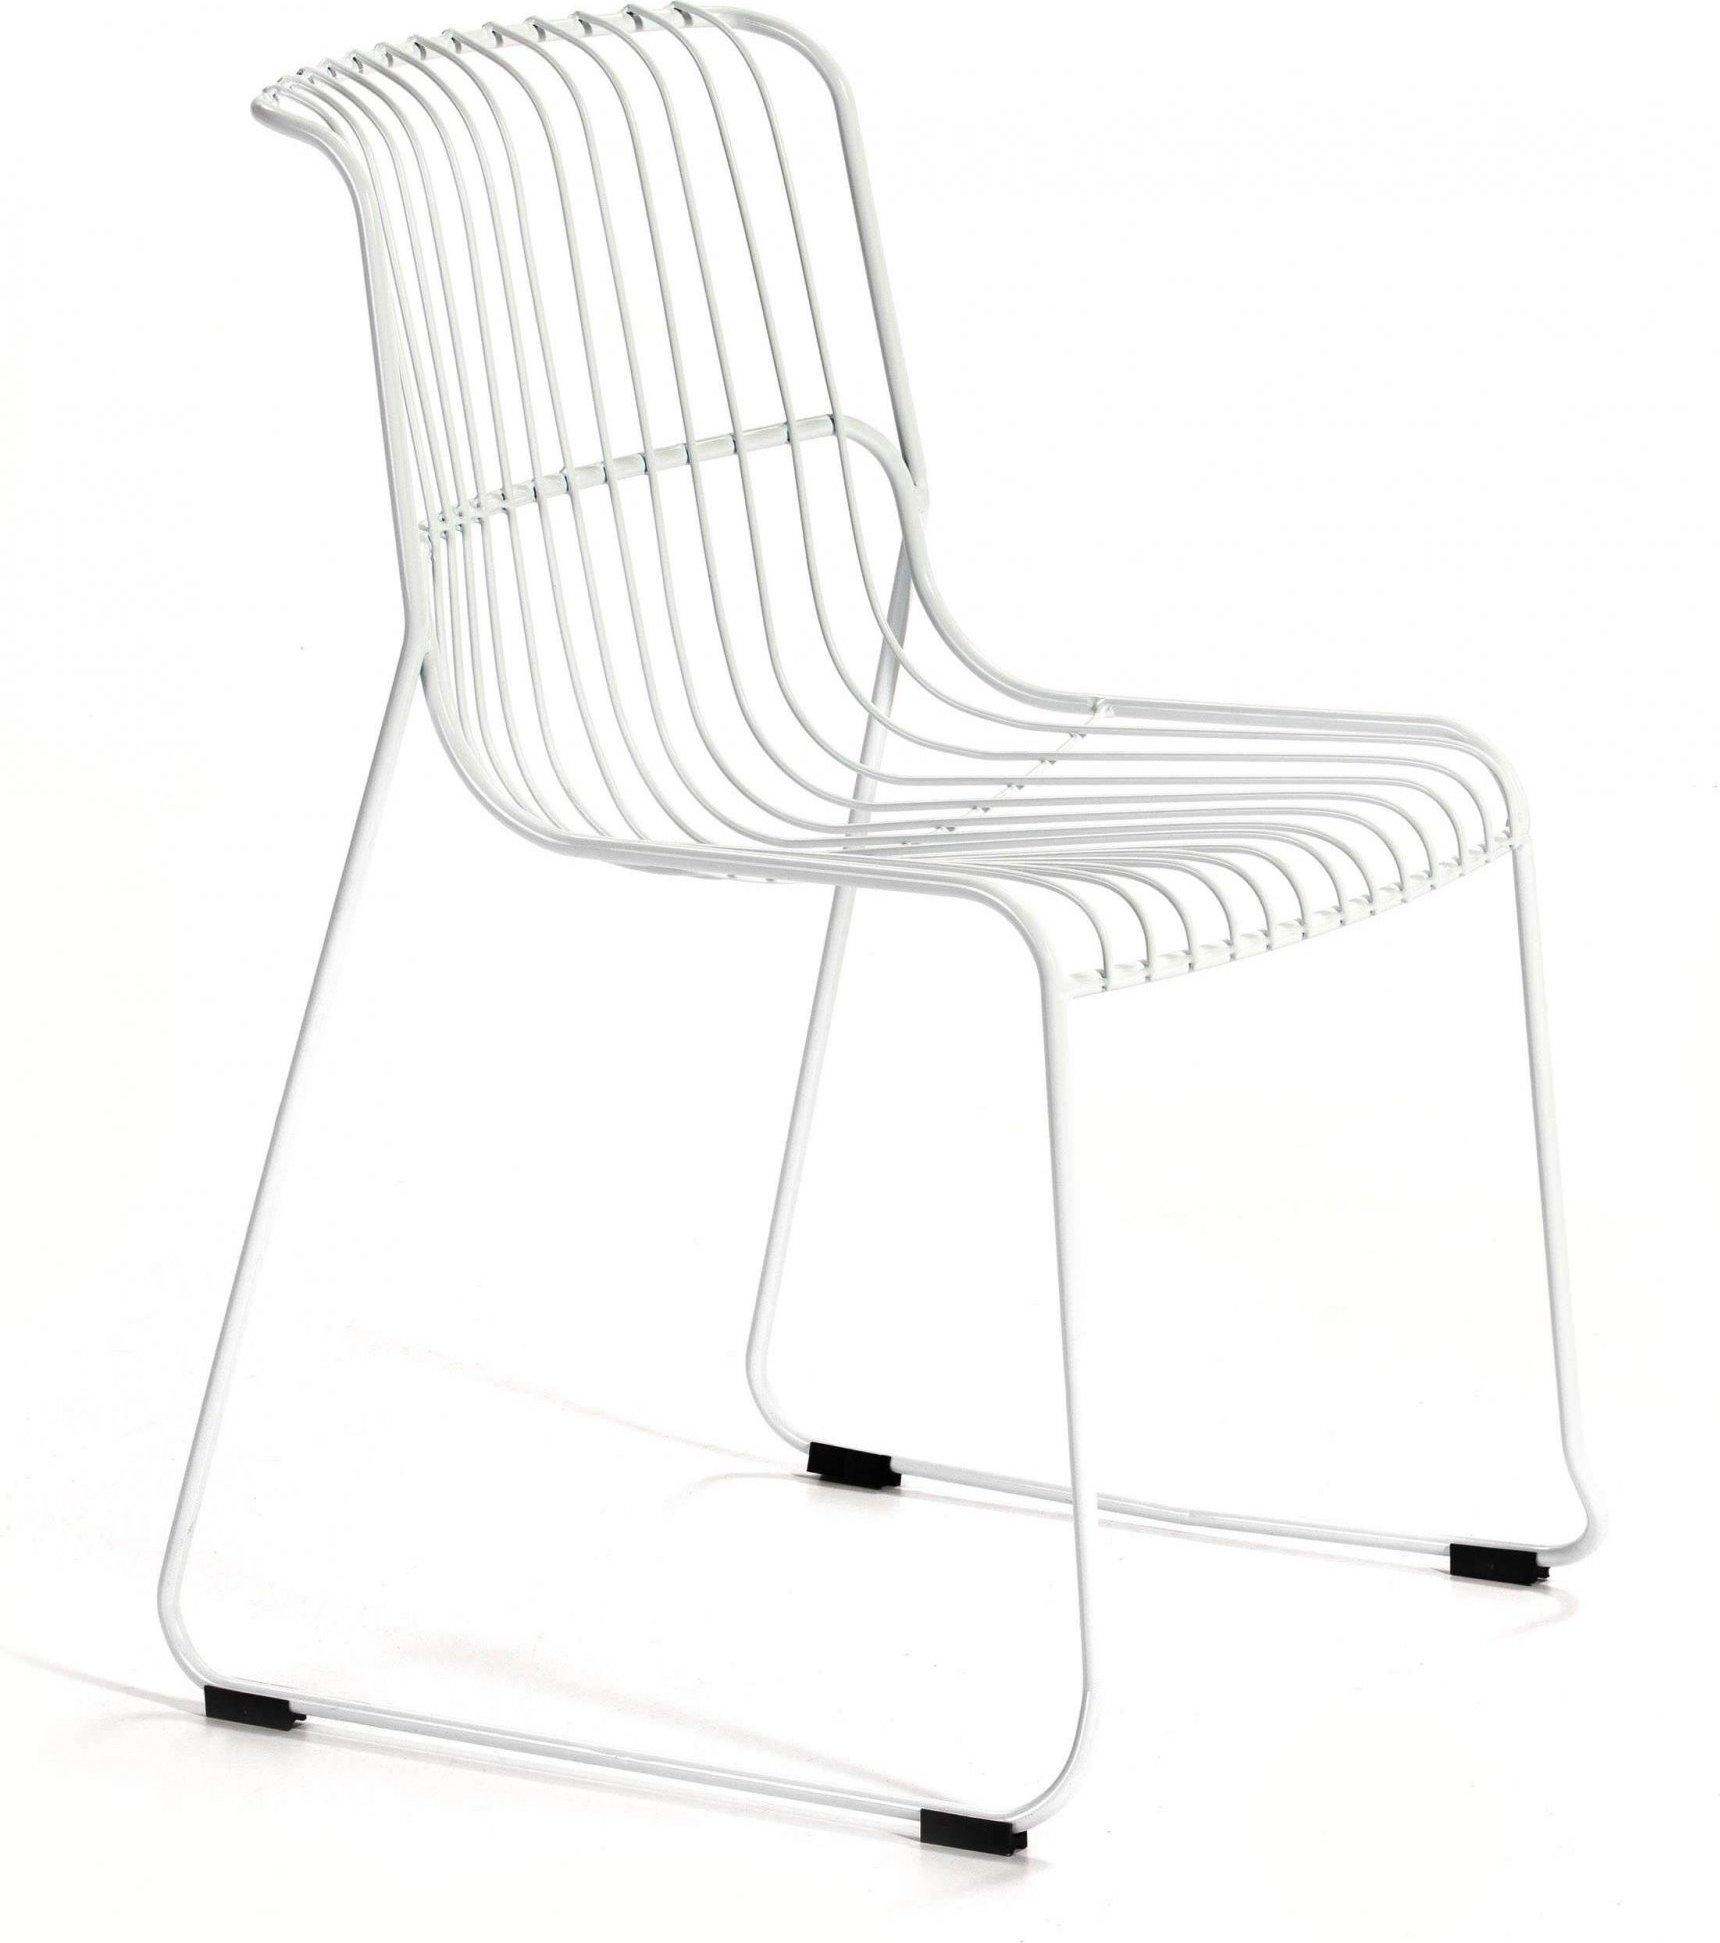 maison du monde Chaise design minimaliste couleur blanc